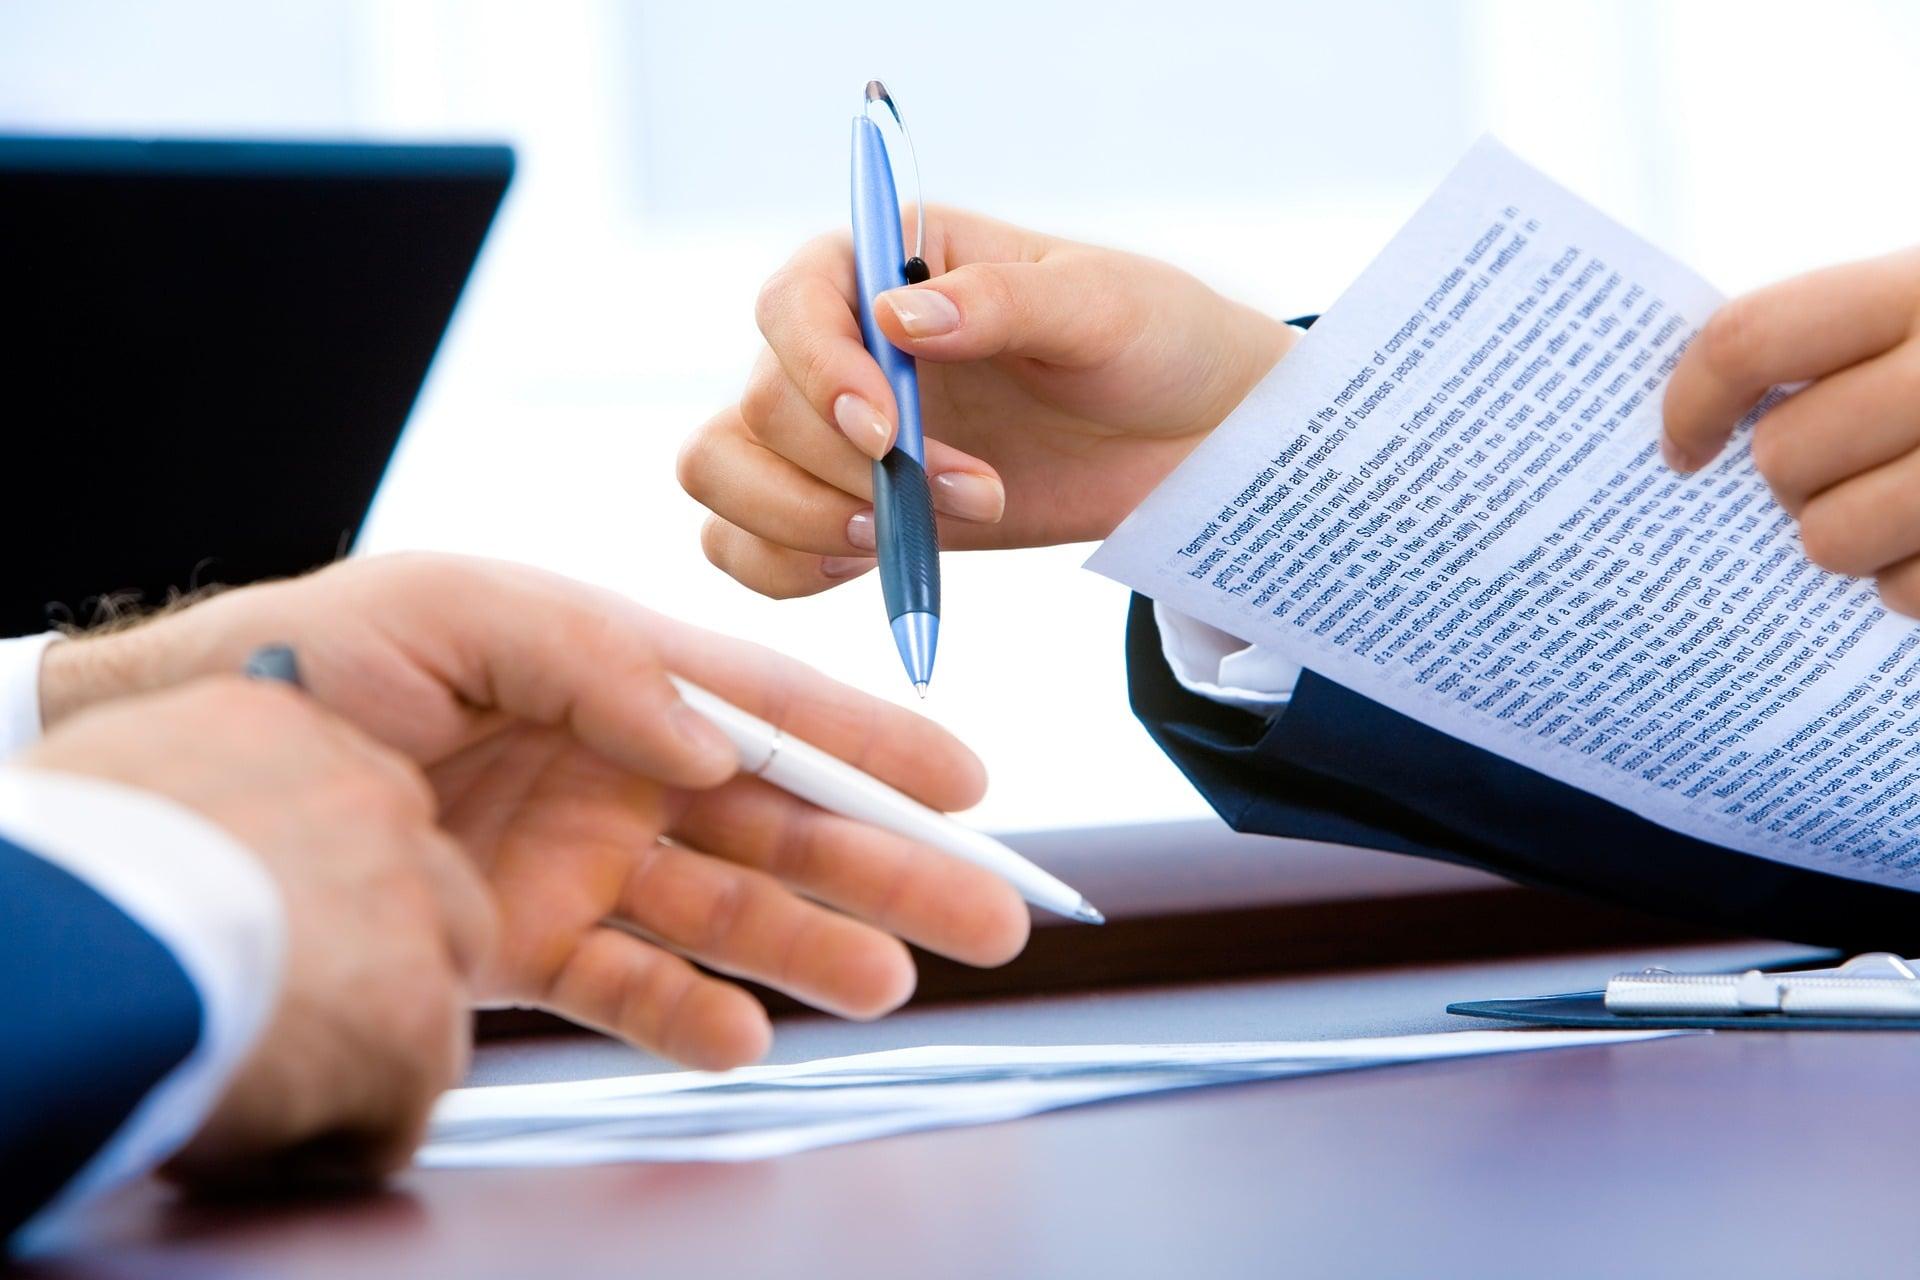 Nieuwsbericht: Wanneer mag je de verwerkingsgrondslag 'noodzakelijk voor de uitvoering van de overeenkomst' gebruiken?